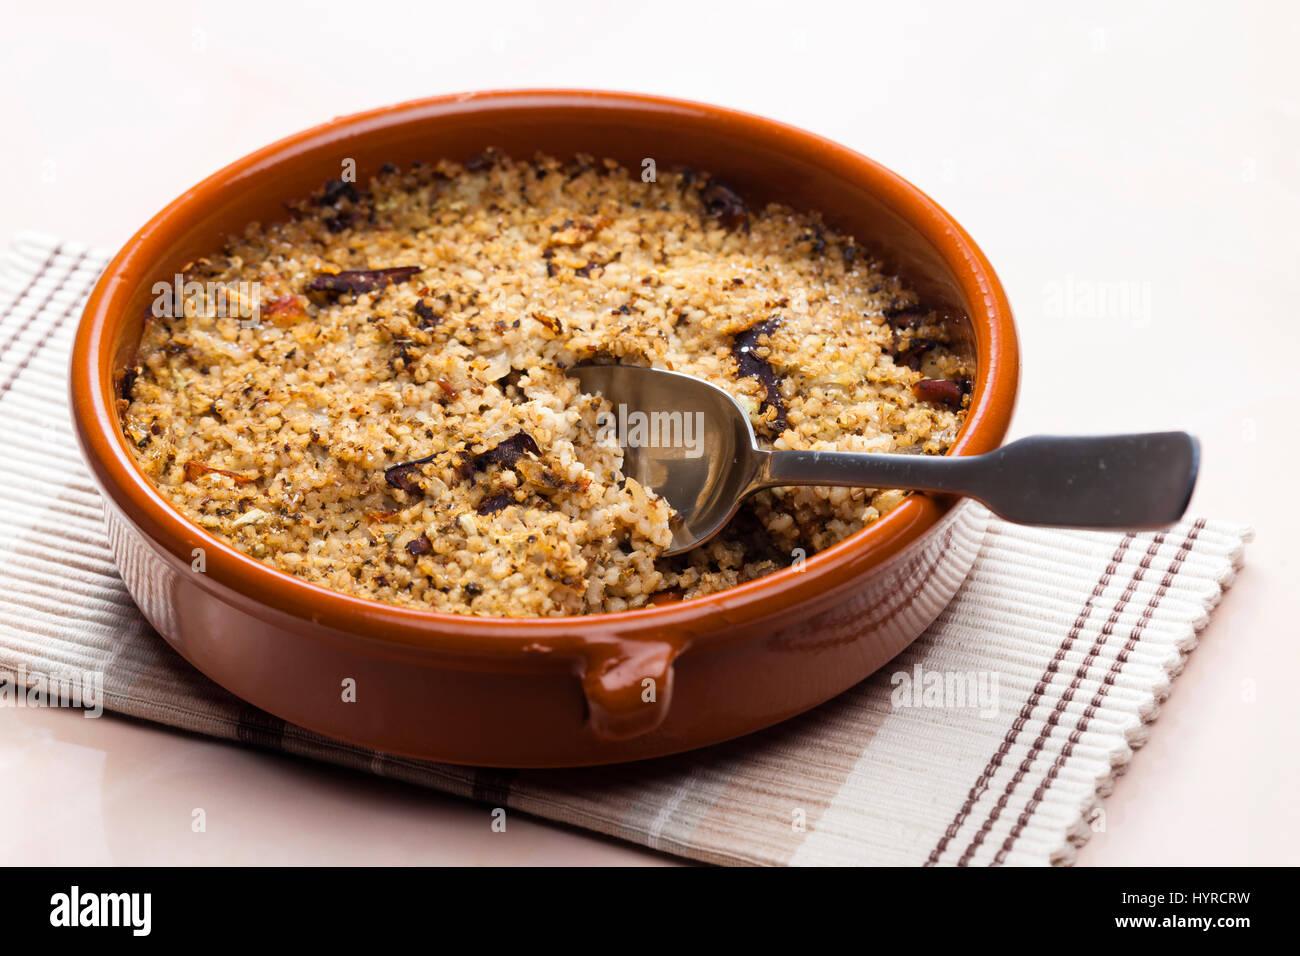 Topf-Gerste mit Pilzen (so genannte Kuba - tschechisches Essen) Stockbild